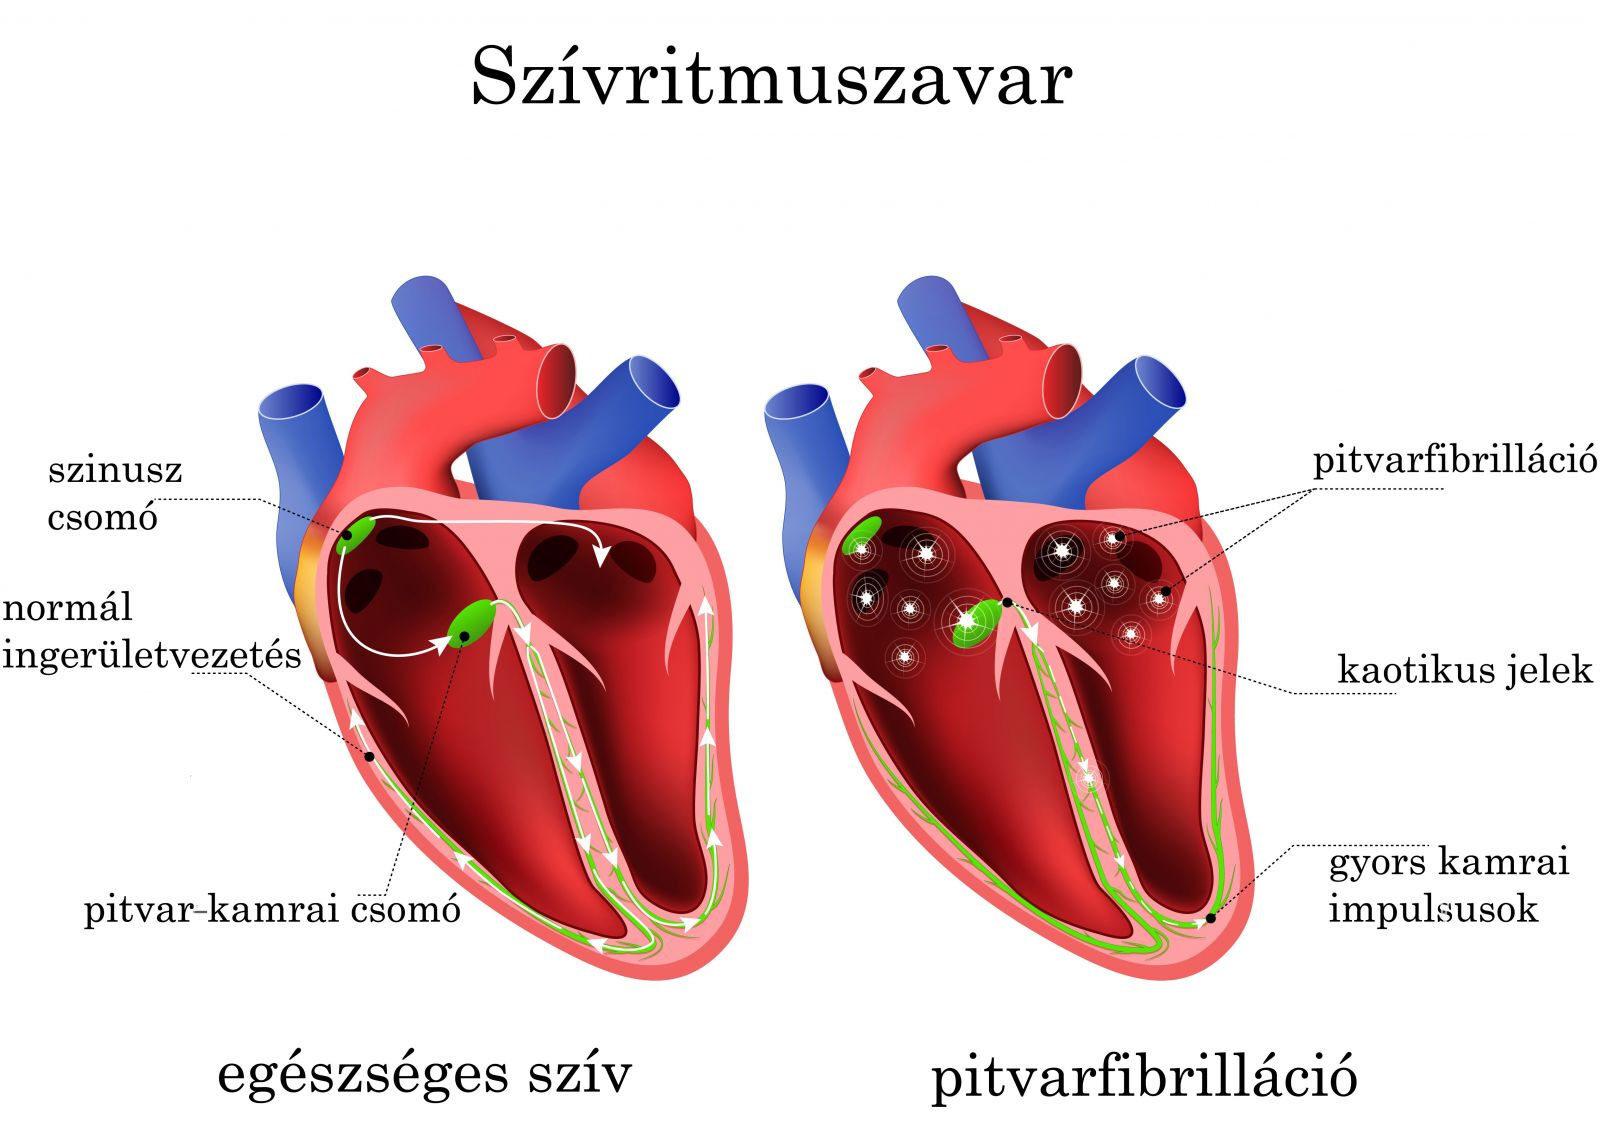 magas vérnyomás szúrja a szívet matsesta magas vérnyomás esetén